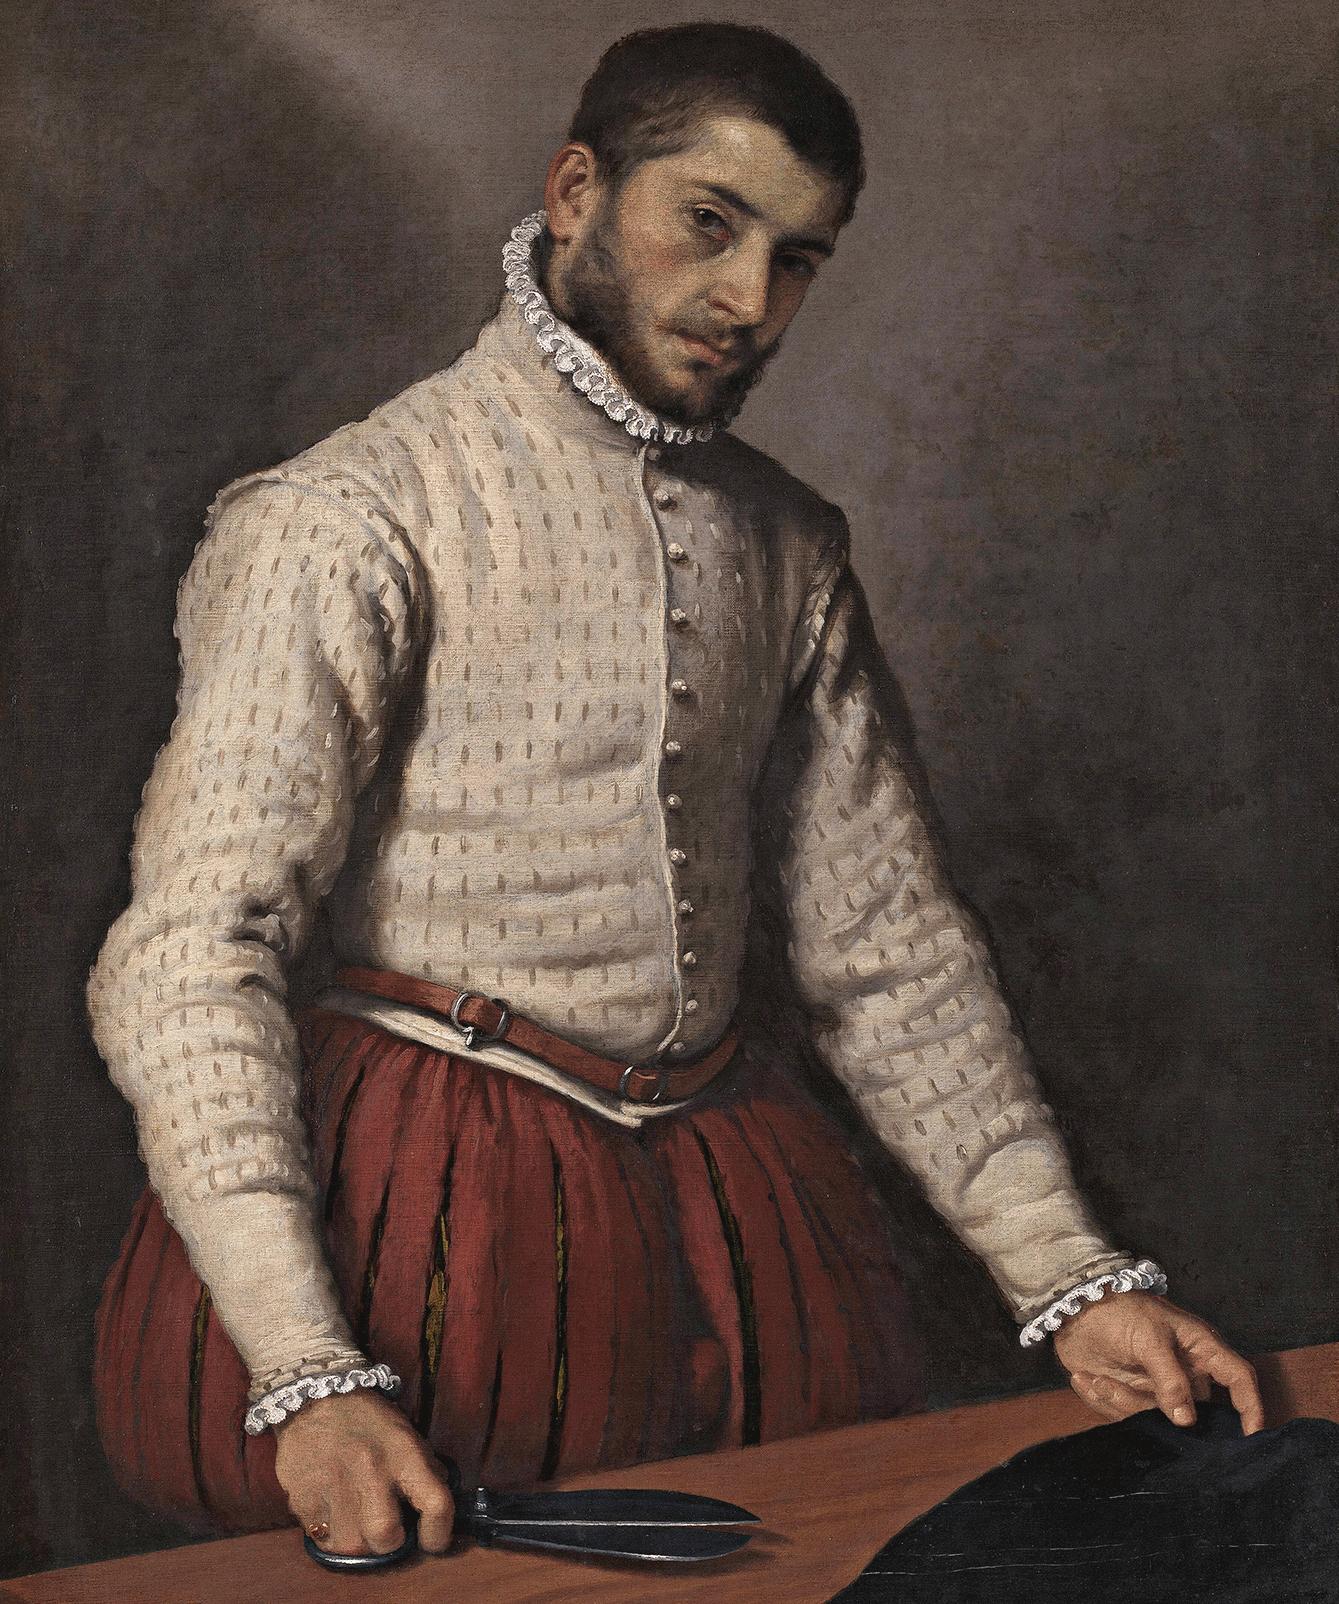 Gemälde eines Schneiders